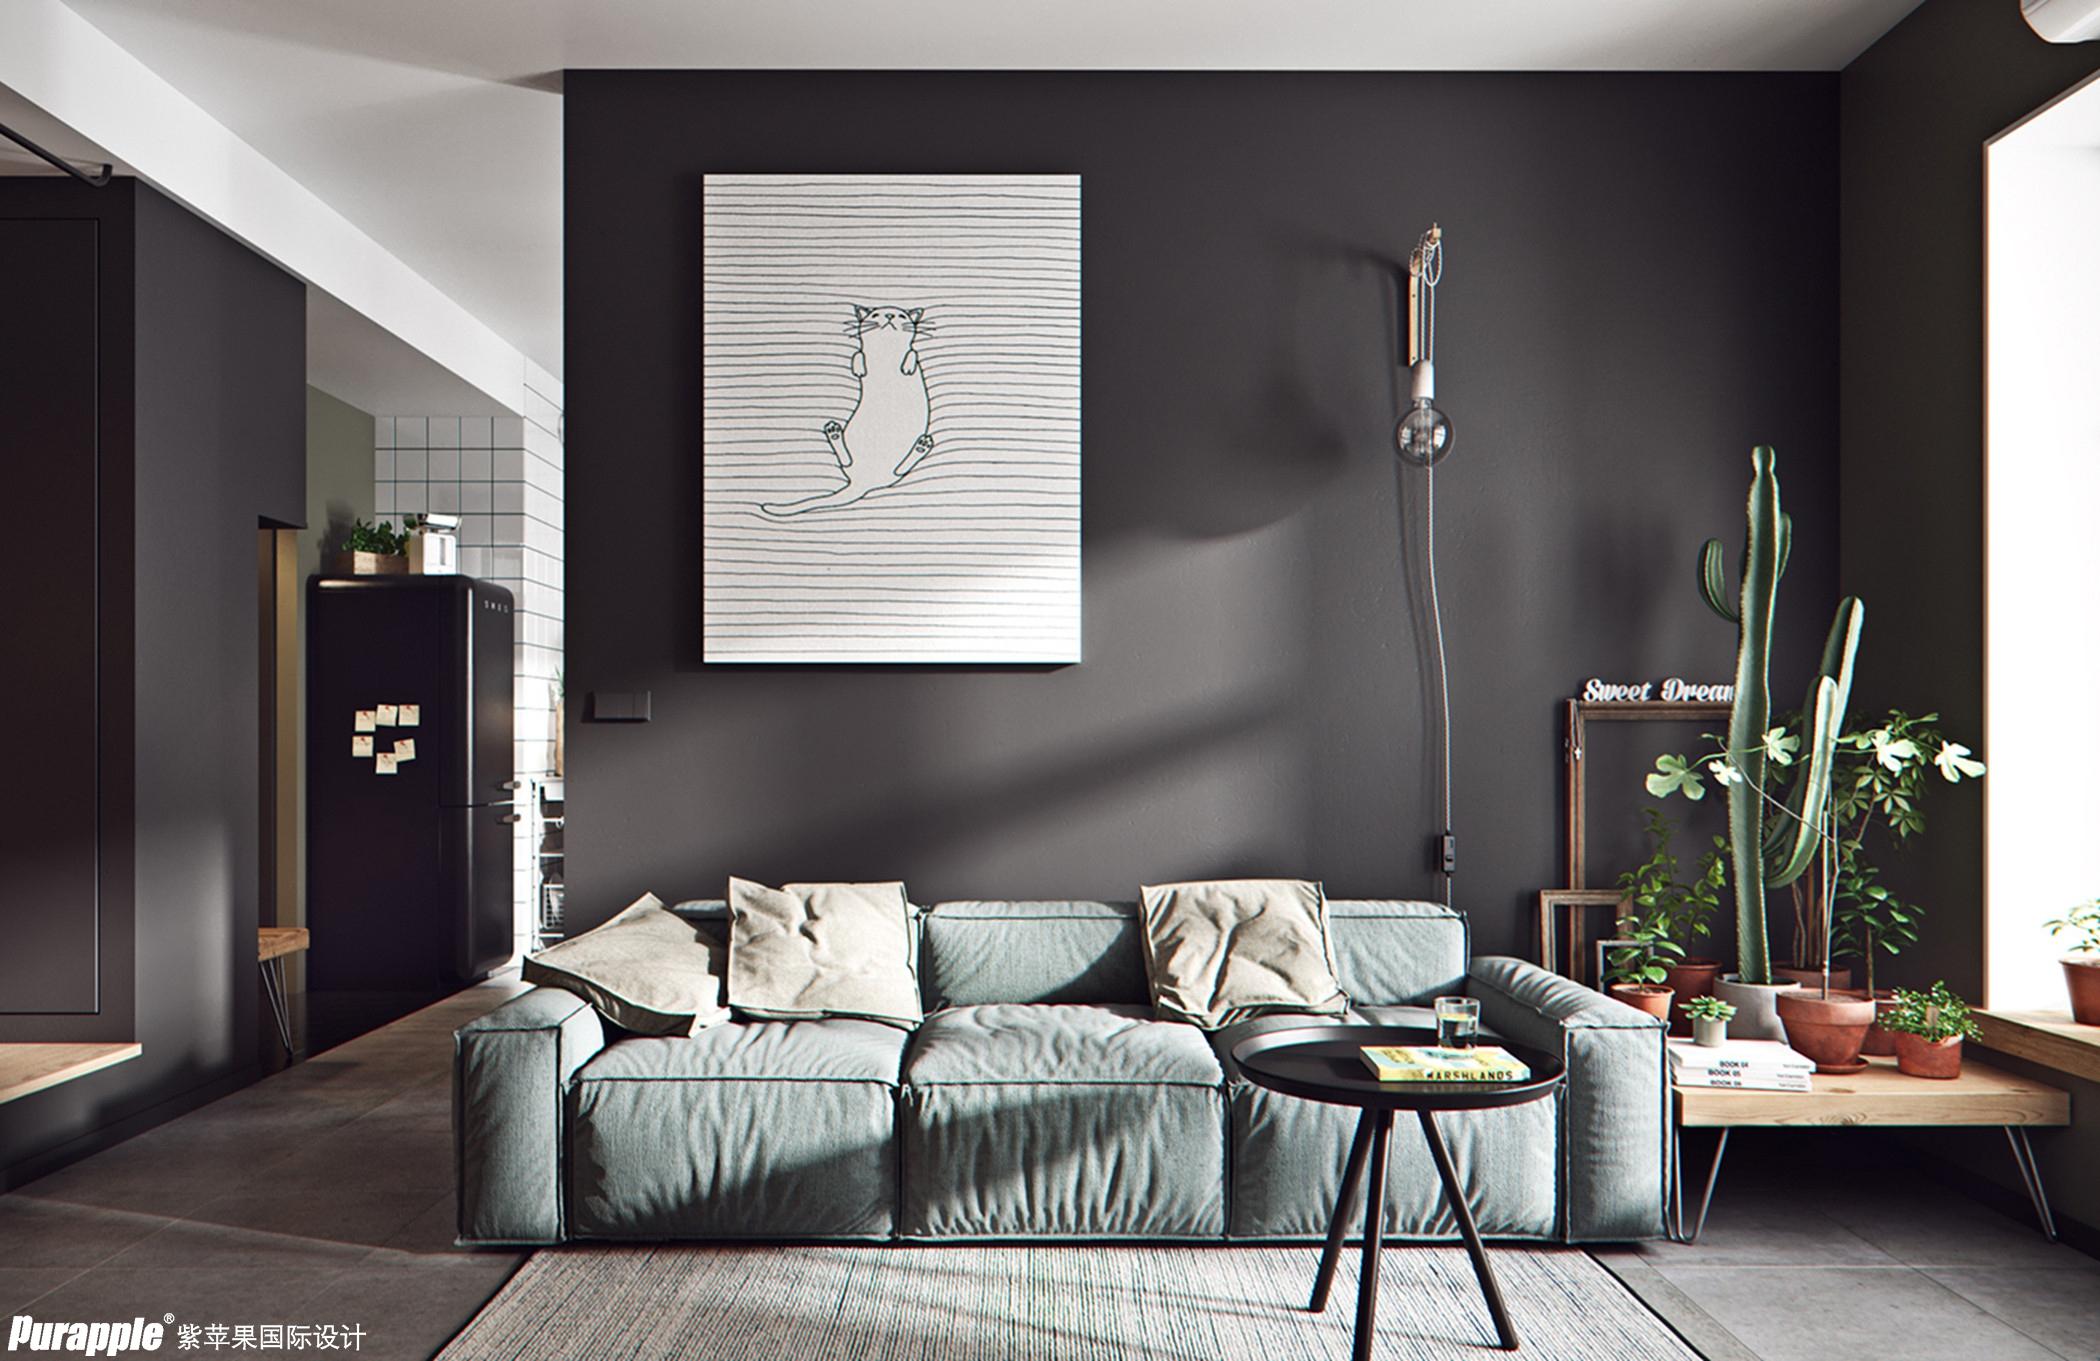 Đừng bỏ qua những ý tưởng này nếu bạn đang có dự định thiết kế một căn hộ studio nhỏ - Ảnh 17.